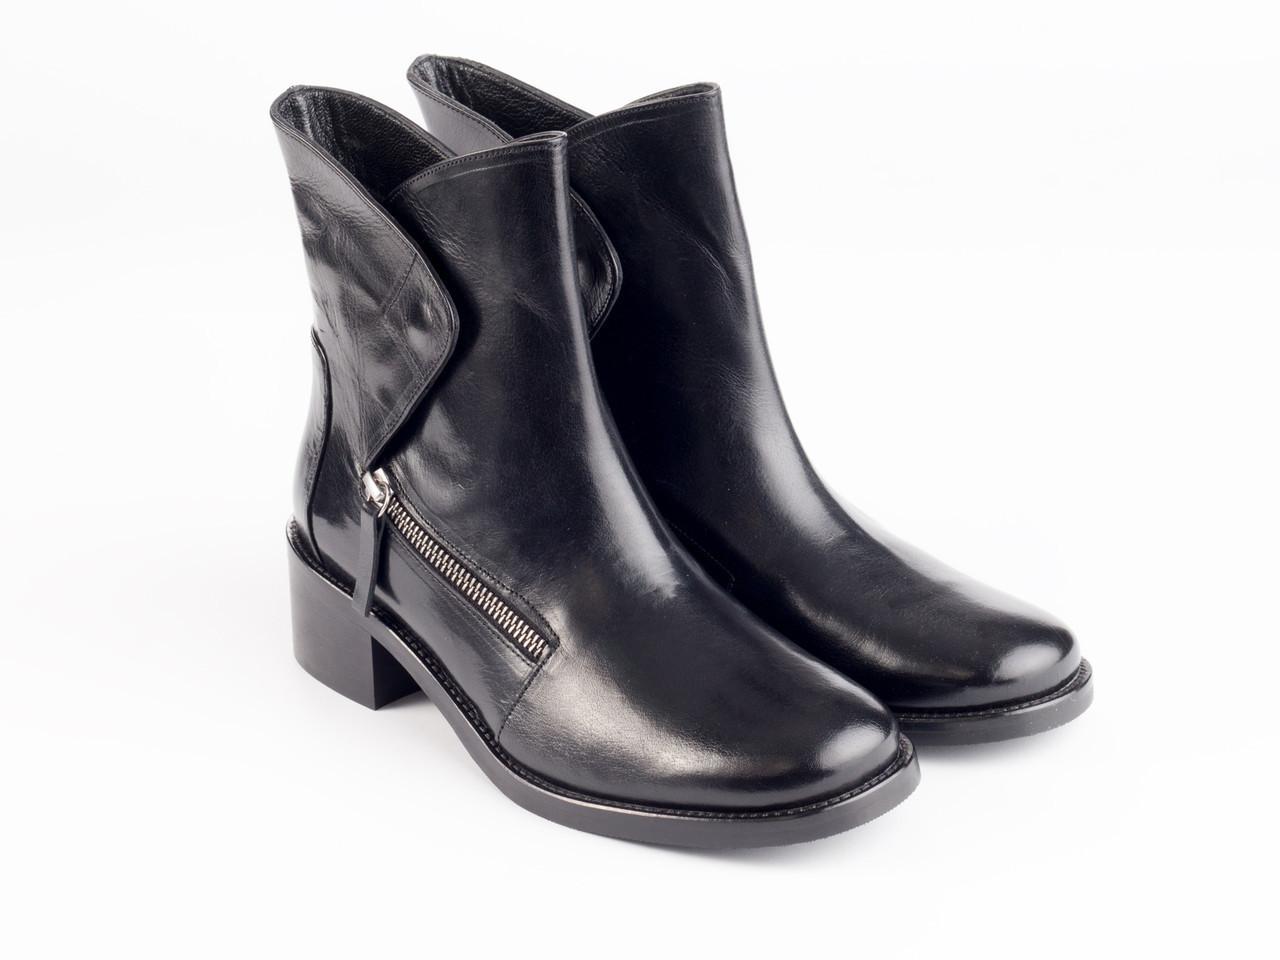 Ботинки Etor 6217-08272 39 черные